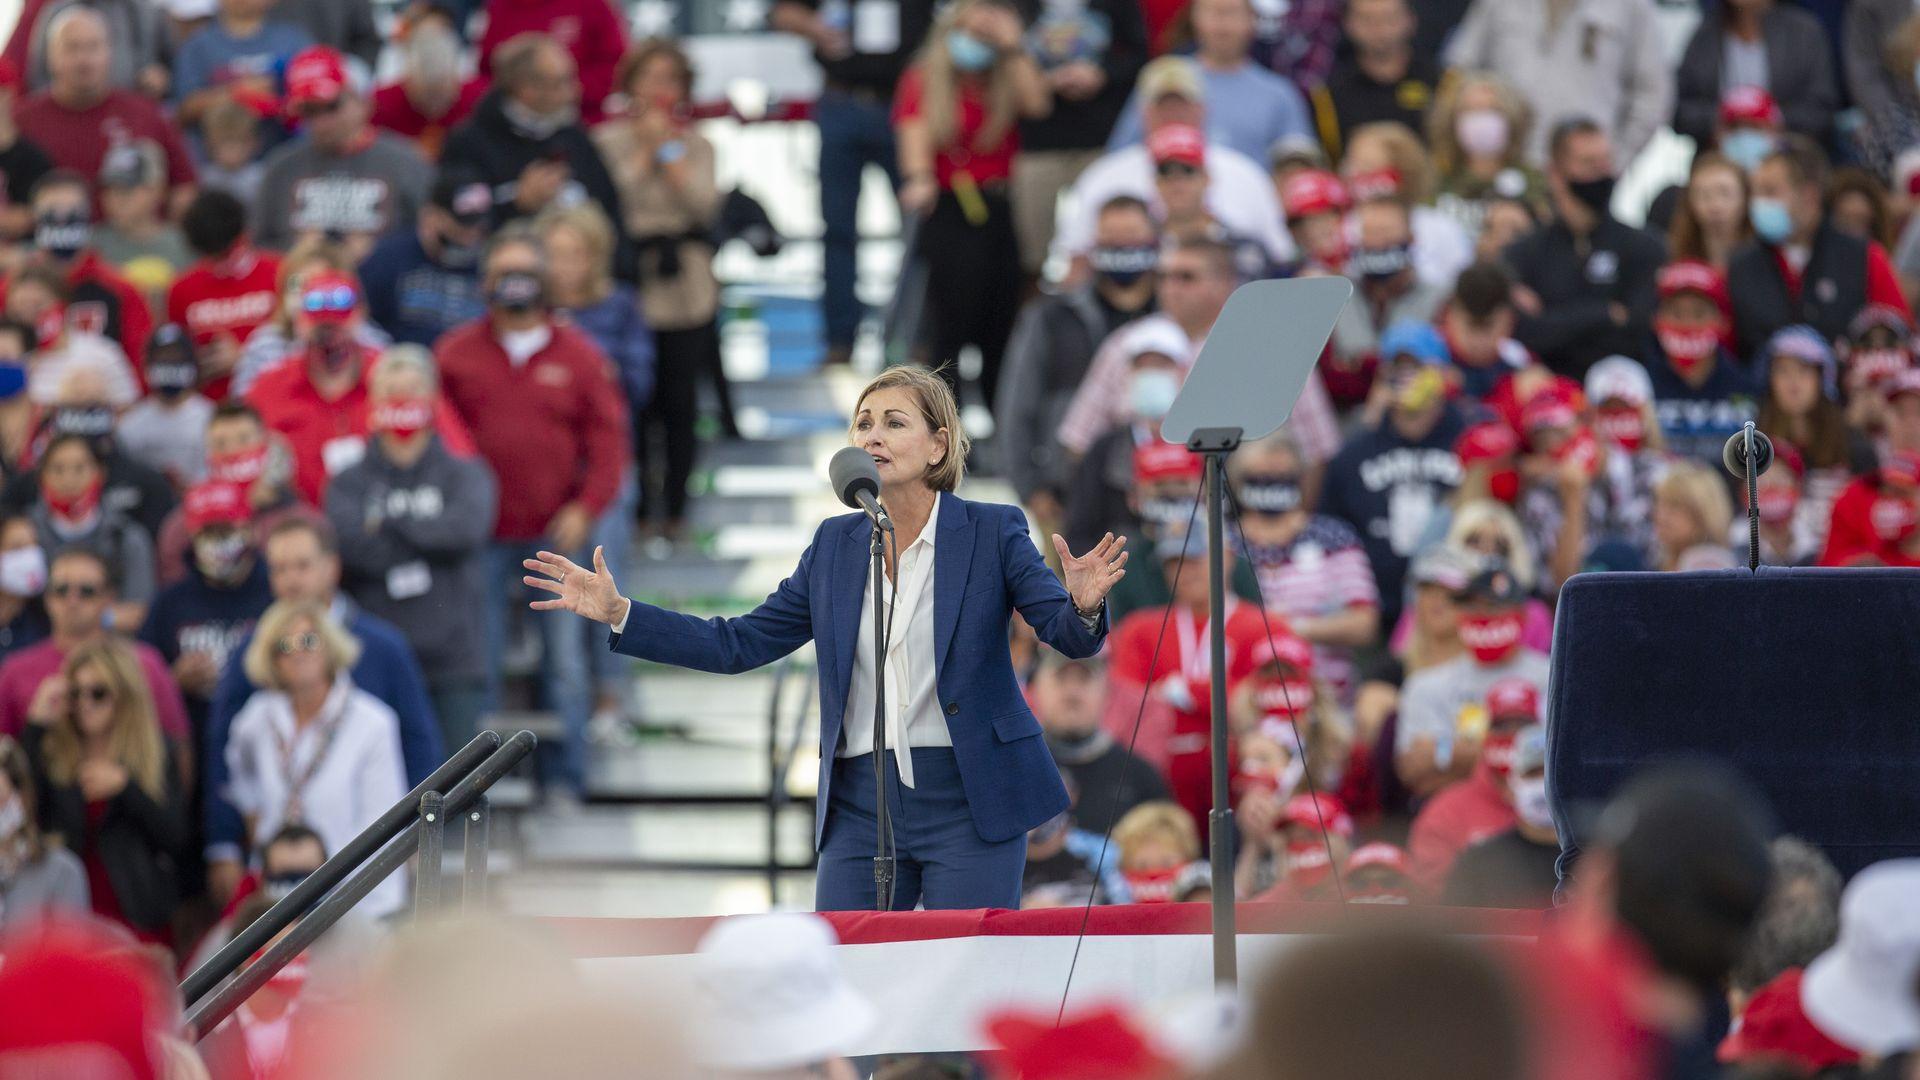 Governor Kim Reynolds at a Trump Rally